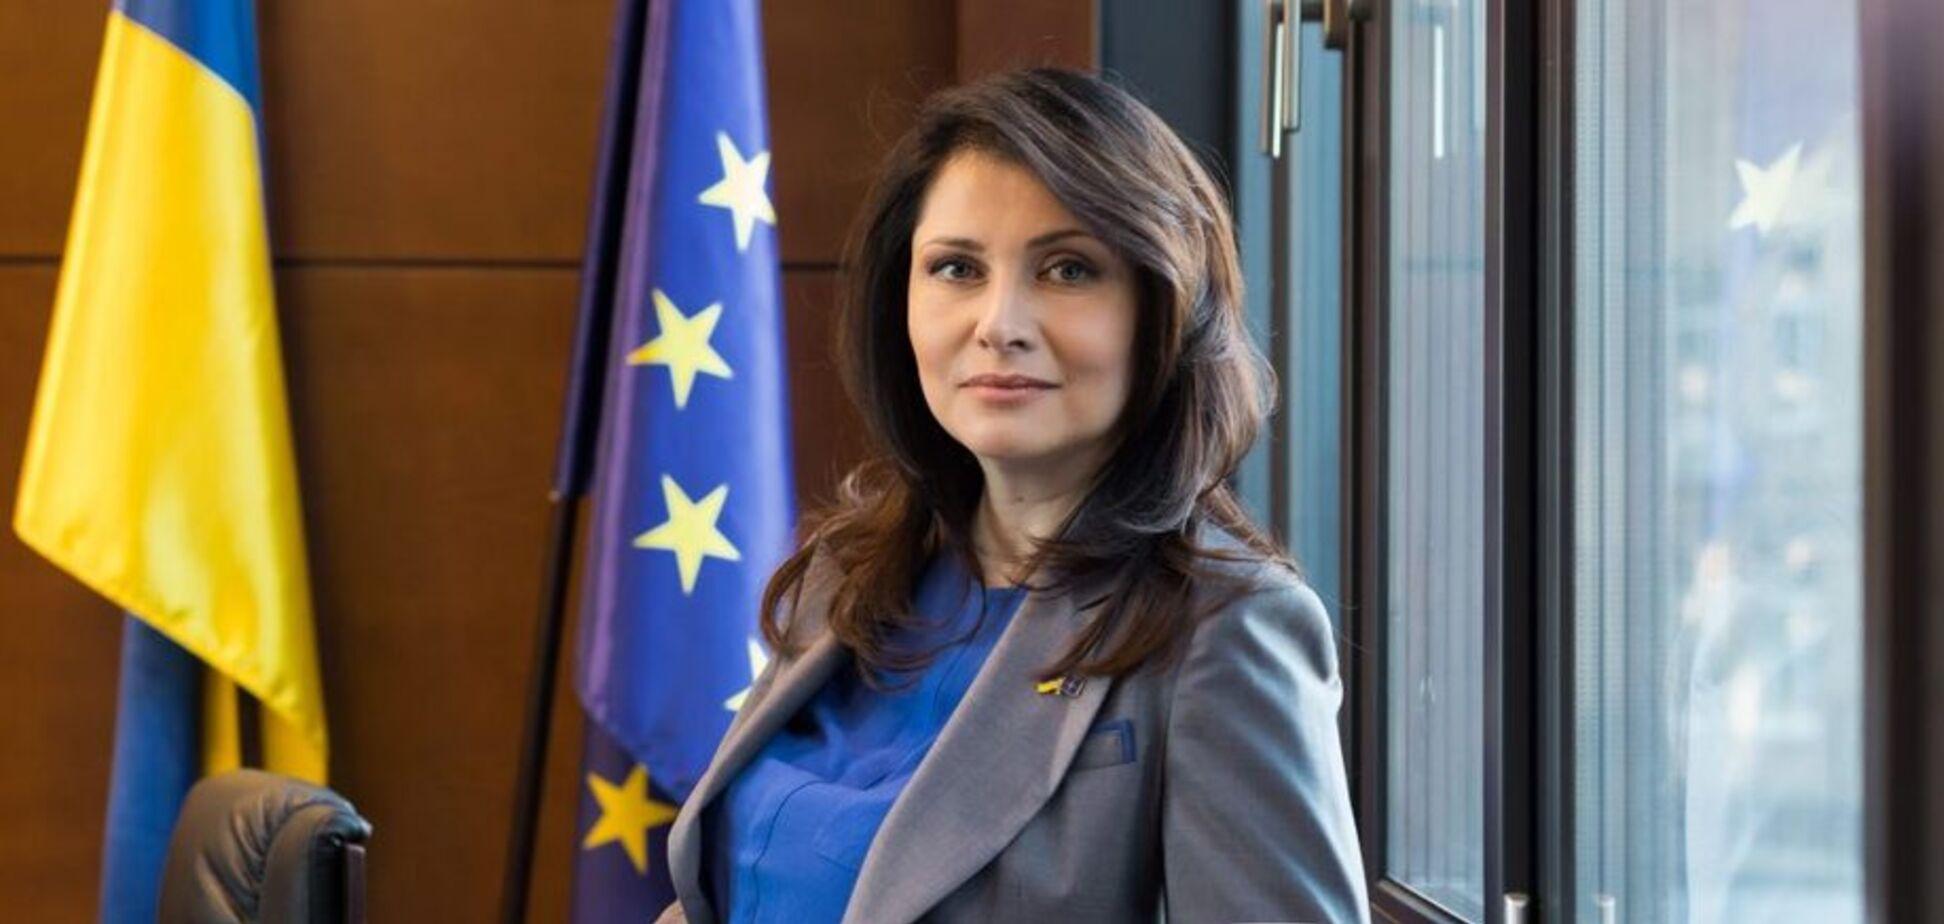 Депутат от ЕС Ирина Фриз